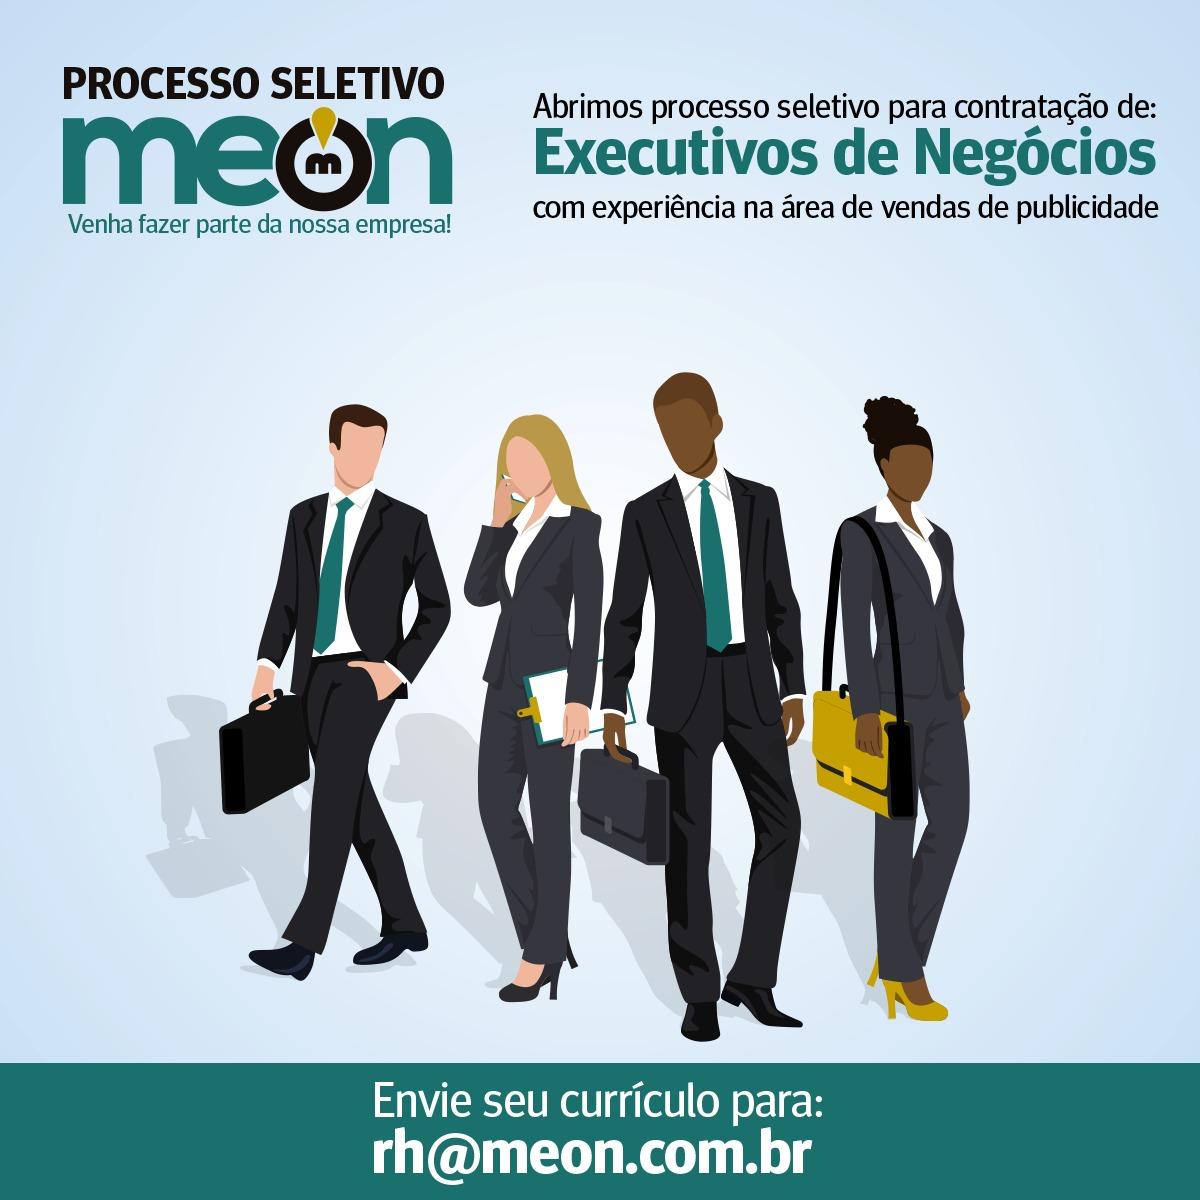 Meon abra processo seletivo para contratação de executivos de negócios com experiência na área de vendas de publicidade